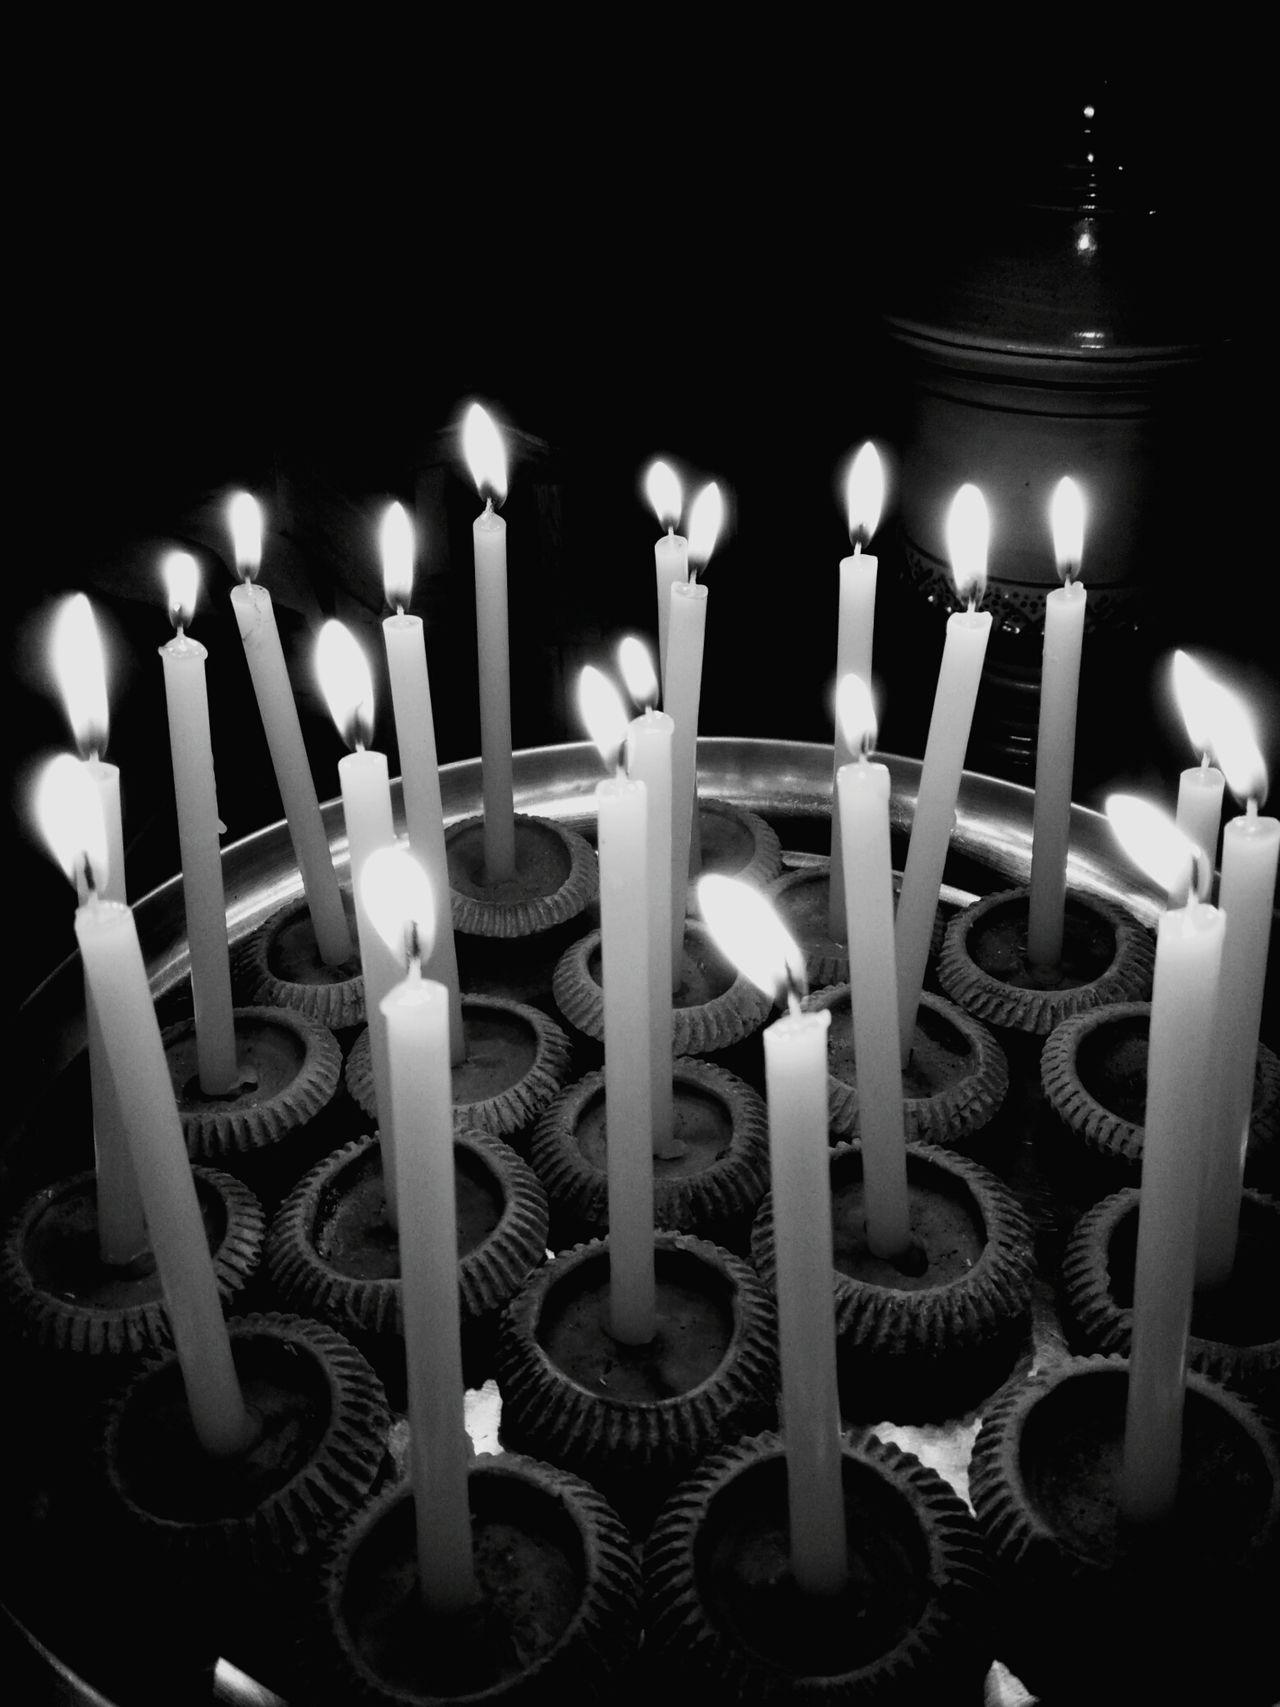 Black &White Candle Burning Flame Illuminated Celebration Birthday Candles Sweet Food Indulgence Birthday Cake Birthday No People Indoors  Yellow Heat - Temperature Life Events Close-up Food Night Freshness